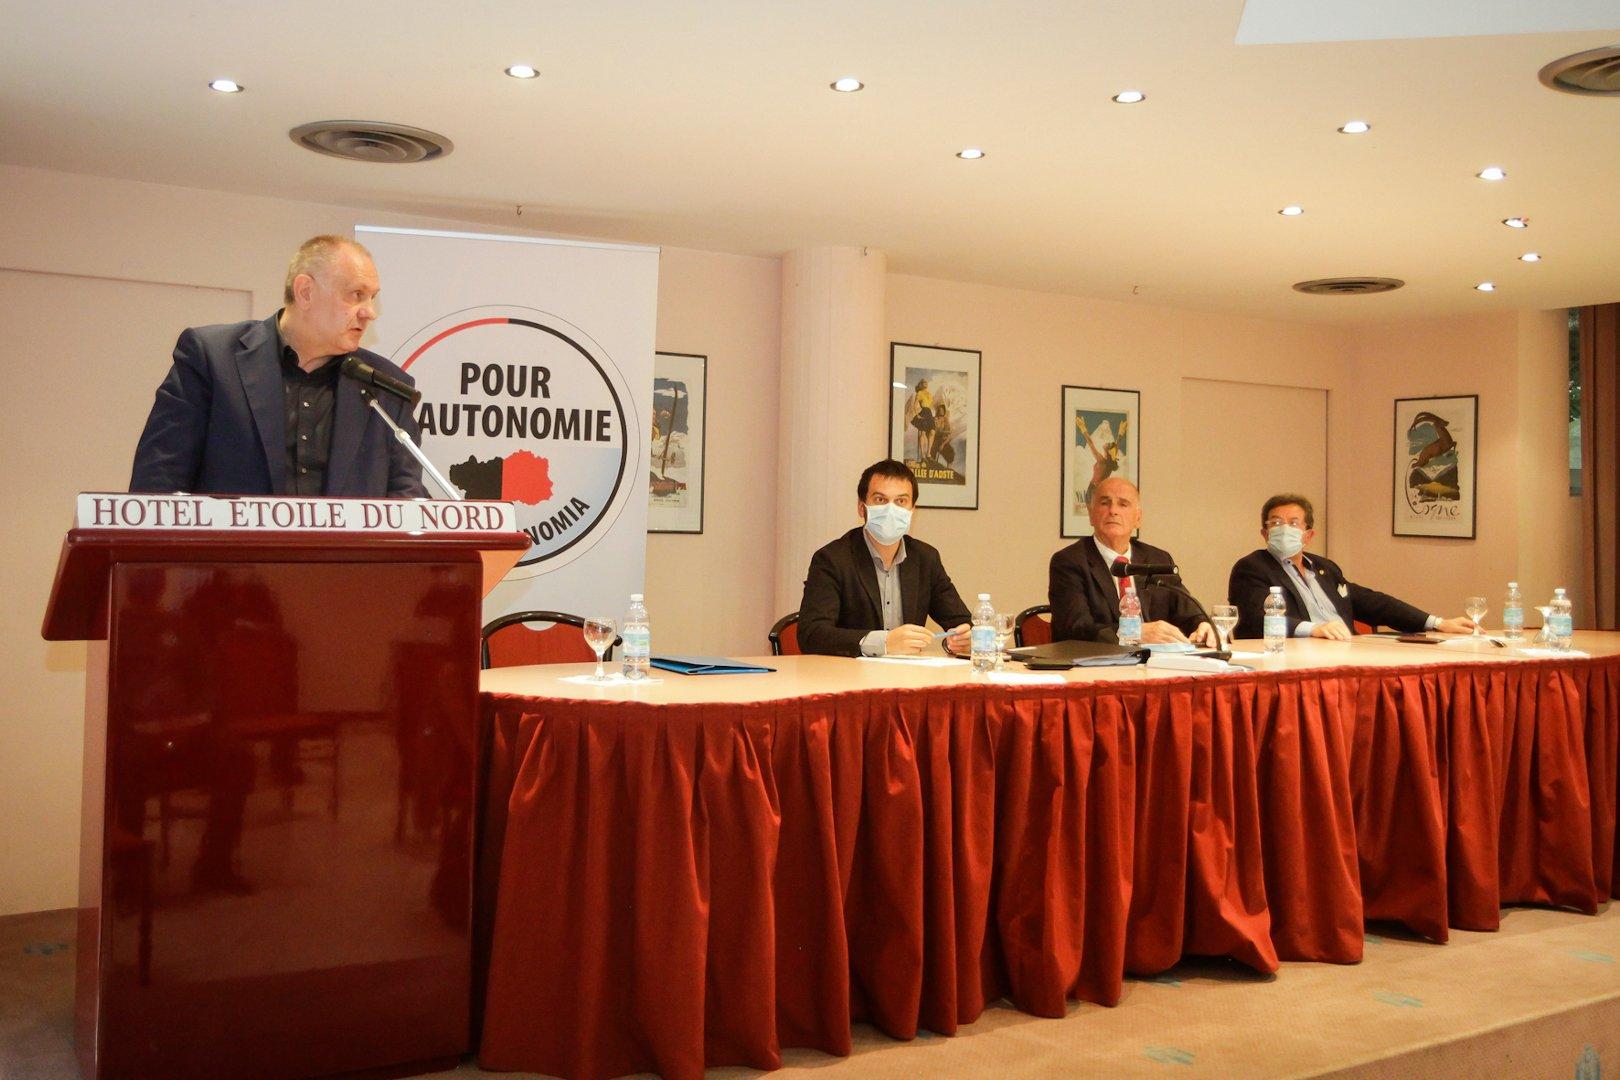 """""""Pour l'Autonomie"""" si è riunita in assemblea: Aldo Di Marco presidente con Stefania Anardi alla Segreteria. «Alleanze solo con le forze autonomiste» ha evidenziato Mauro Baccega"""